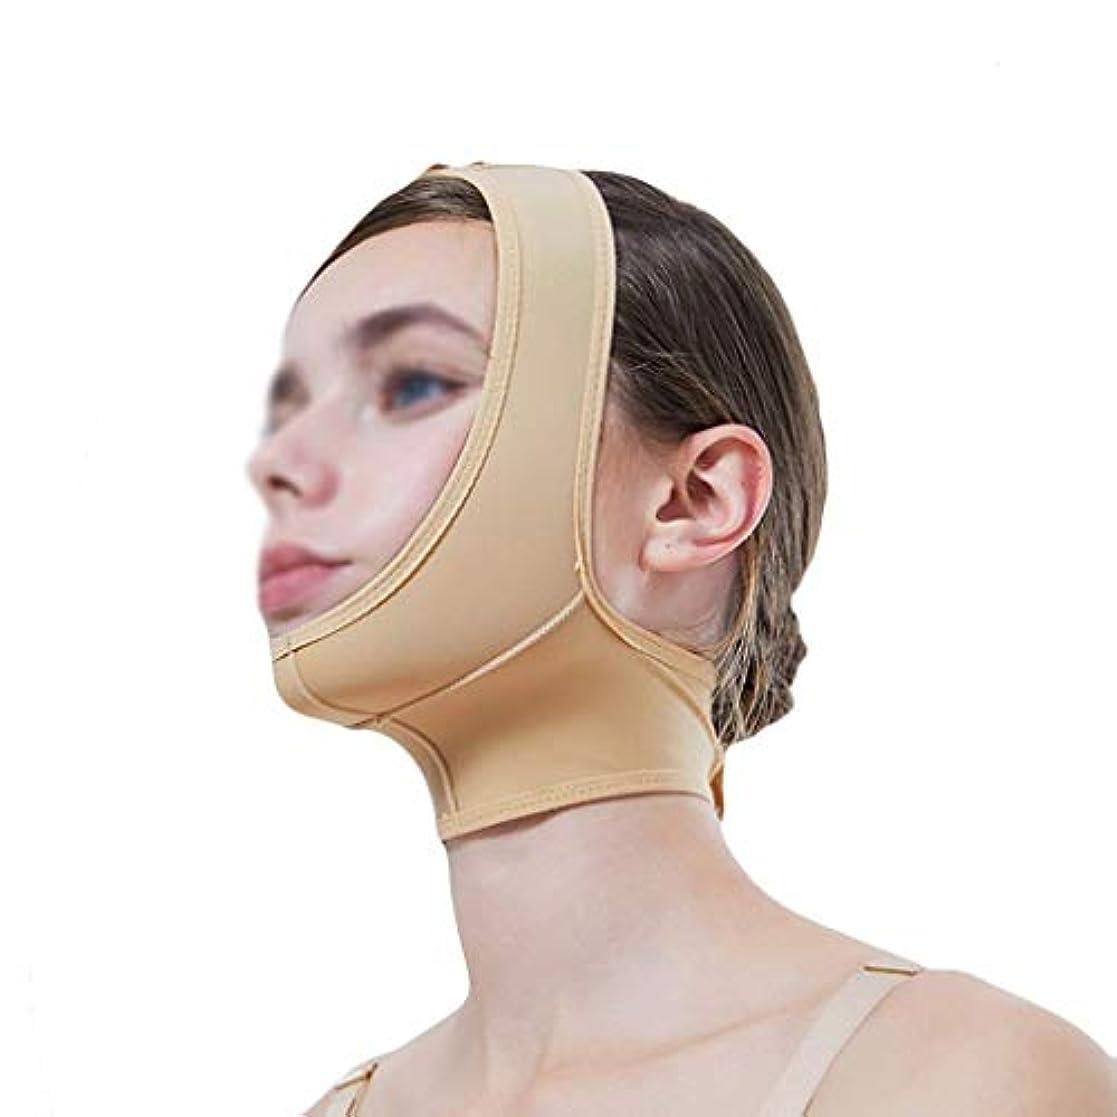 鋸歯状アレイジャグリングマスク、超薄型ベルト、フェイスリフティングに適し、フェイスリフティング、通気性包帯、あご取りベルト、超薄型ベルト、通気性(サイズ:XL),XXL